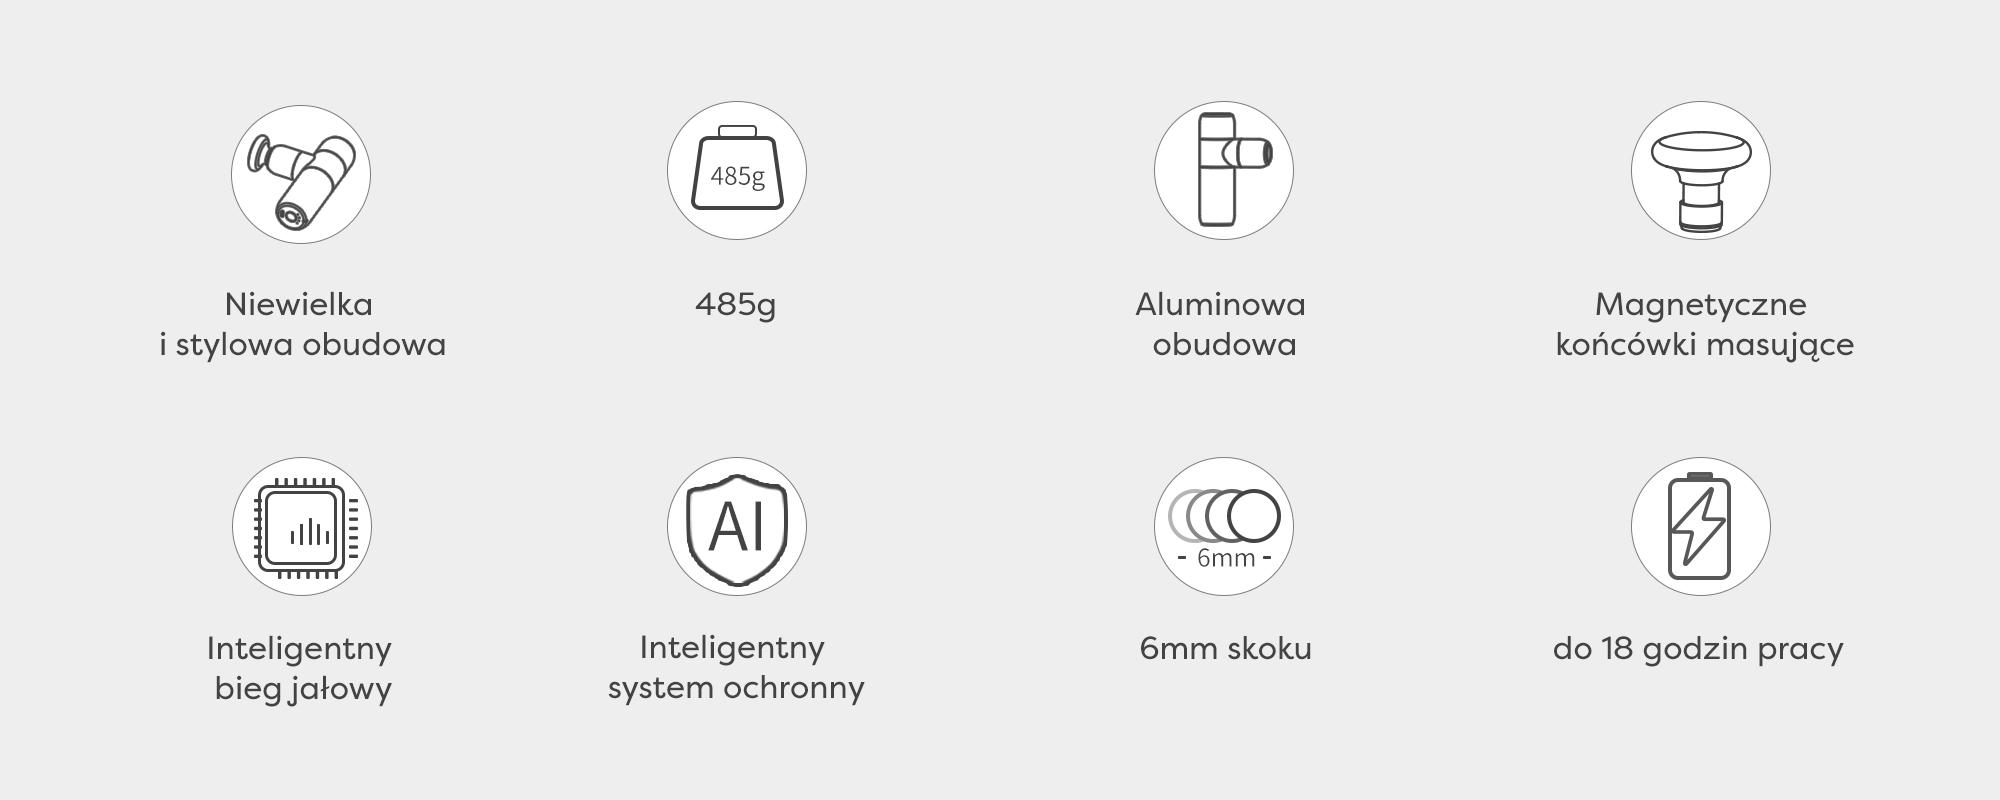 Infografika przedstawiająca skrótową specyfikację : niewielką i stylową obudowę, wagę 485 gramów, aluminiowy korpus, magnetyczne końcówki masujące, inteligentny bieg jałowy, inteligentny system ochrony, 6mm skoku i do 18 godzin pracy